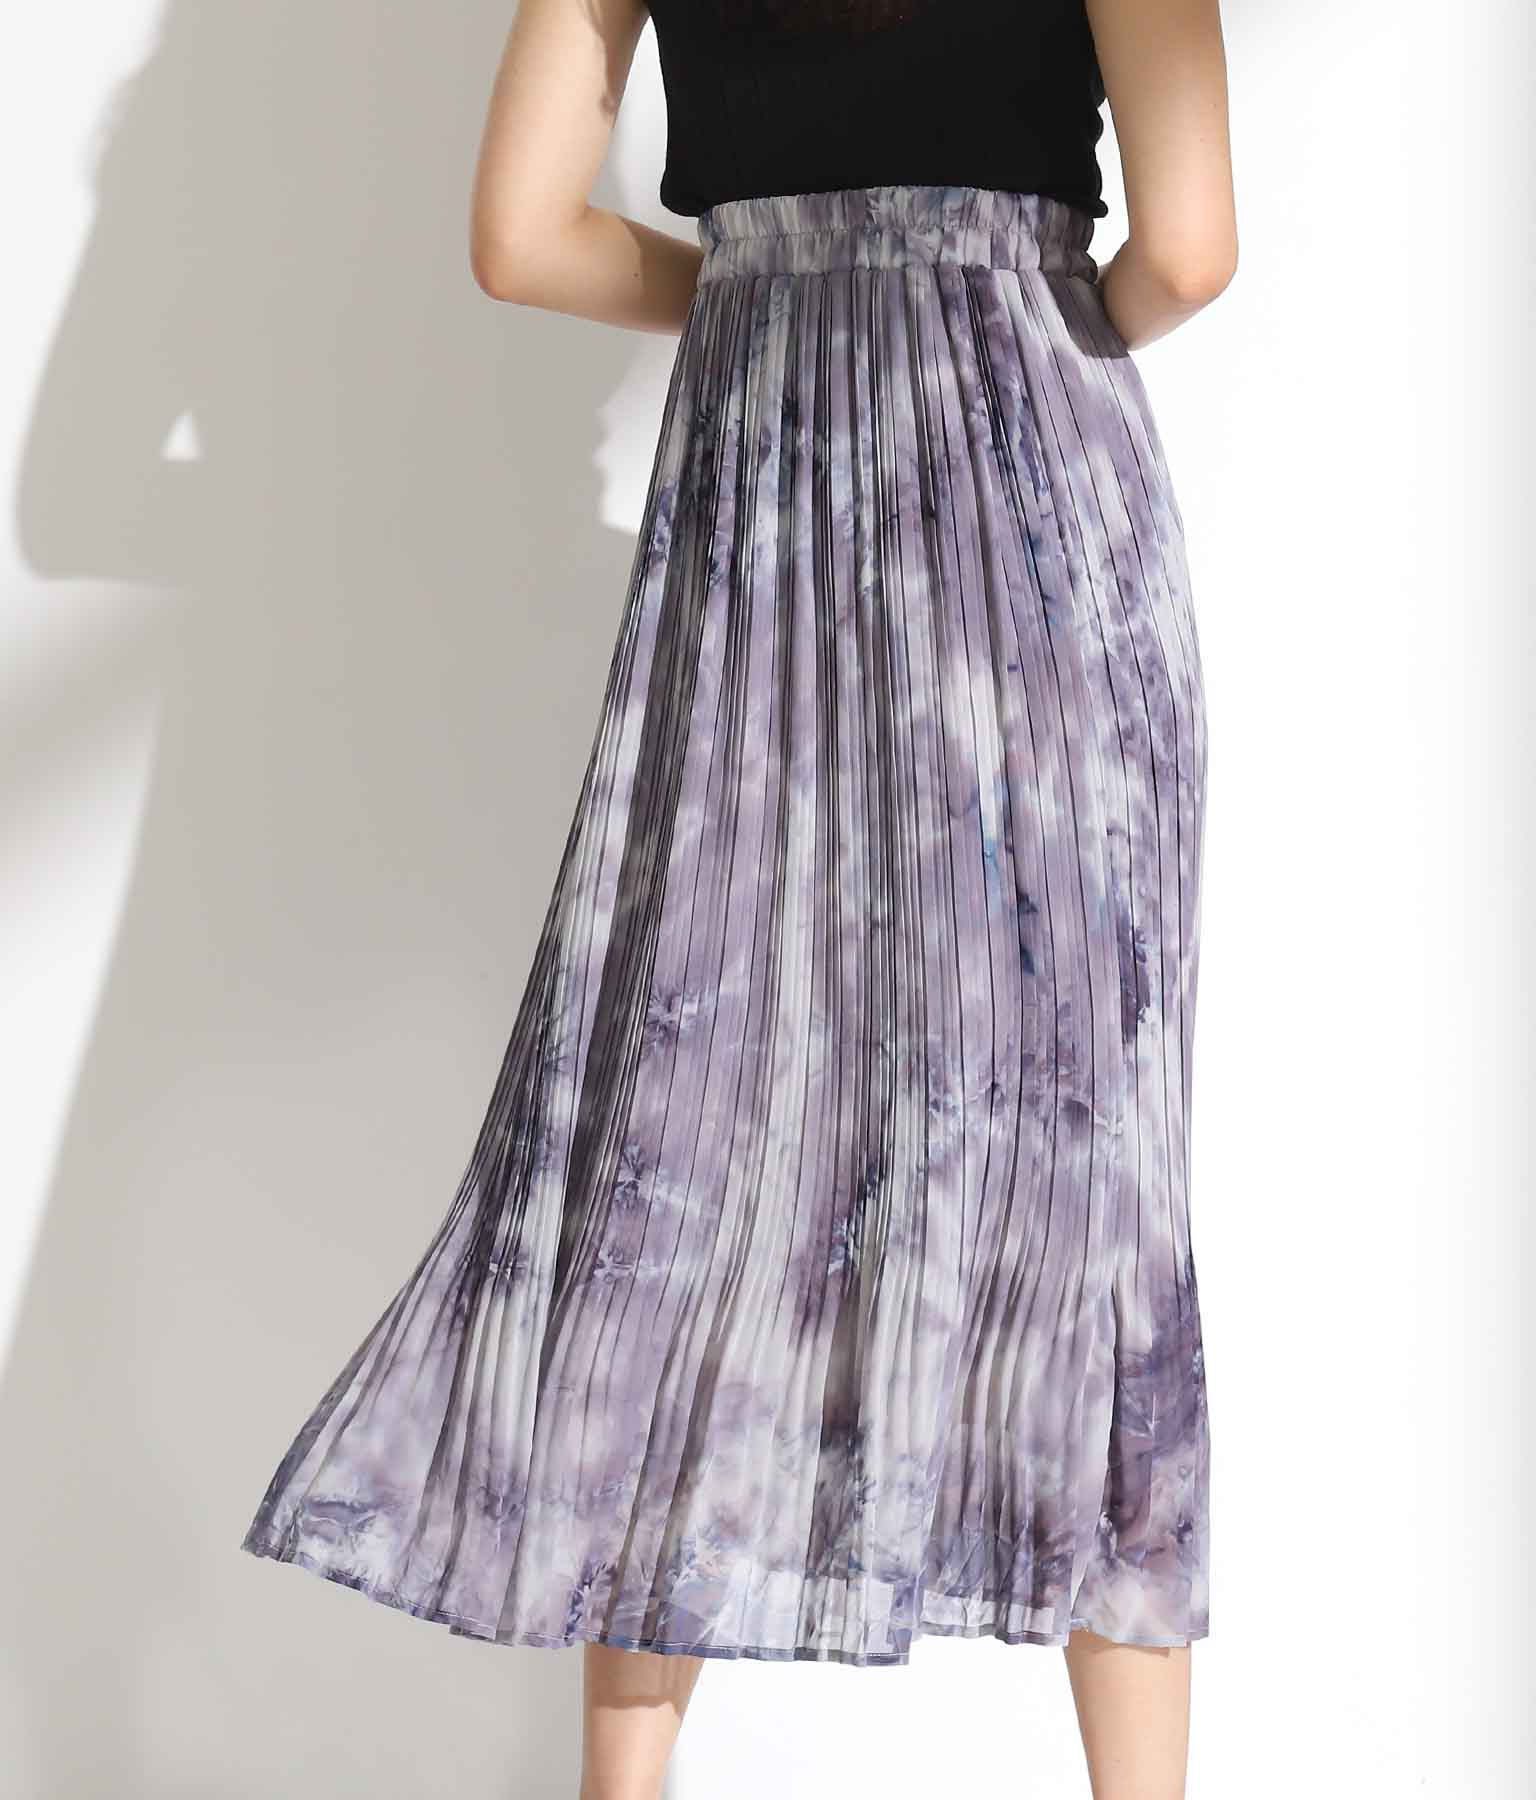 タイダイ染シフォン消しプリーツスカート(ボトムス・パンツ /スカート) | Alluge